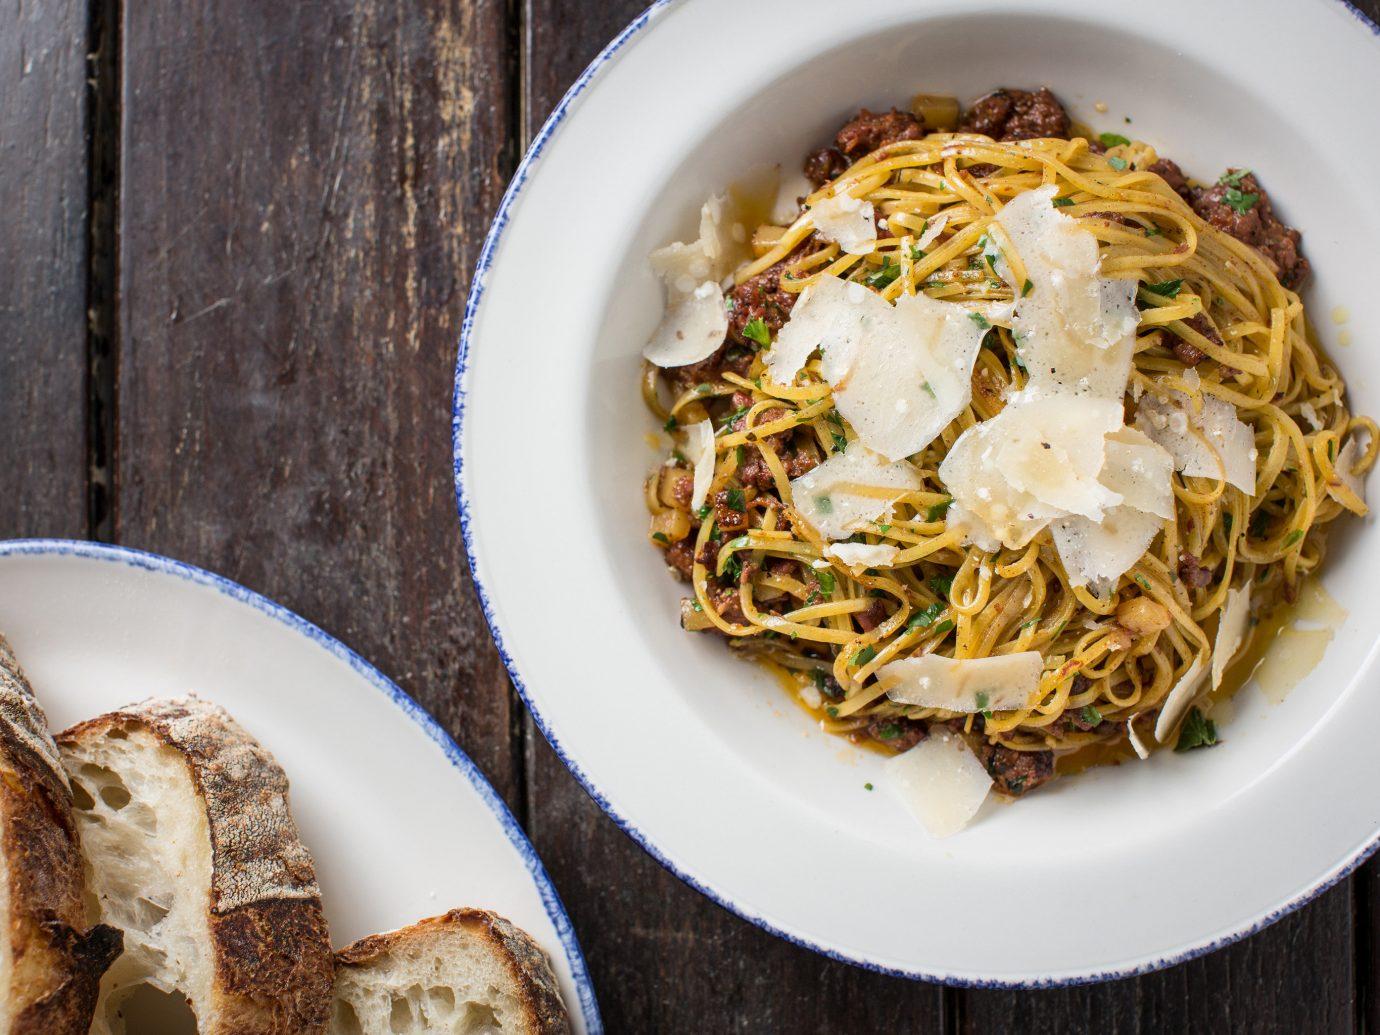 Food + Drink plate food dish cuisine meal produce spaghetti vegetable breakfast vegetarian food sliced